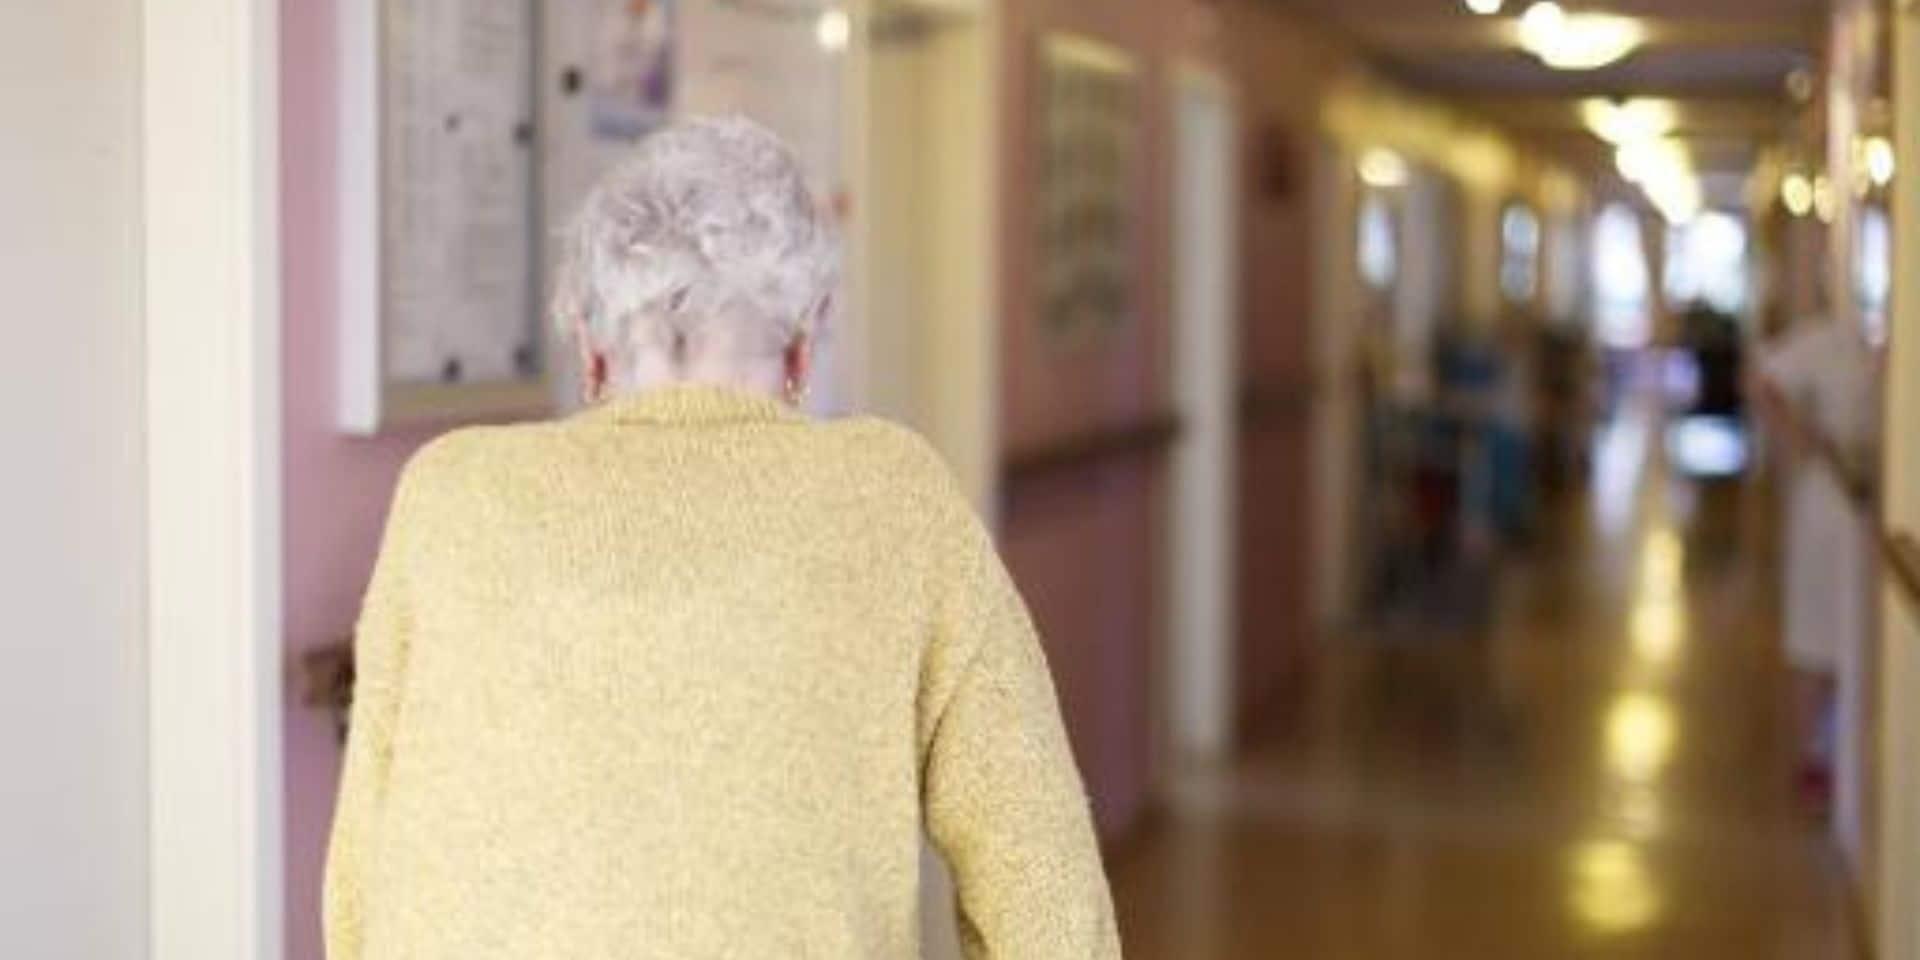 Après plusieurs cas de coronavirus, deux cents habitants d'une résidence seniors placés en quarantaine à Wemmel